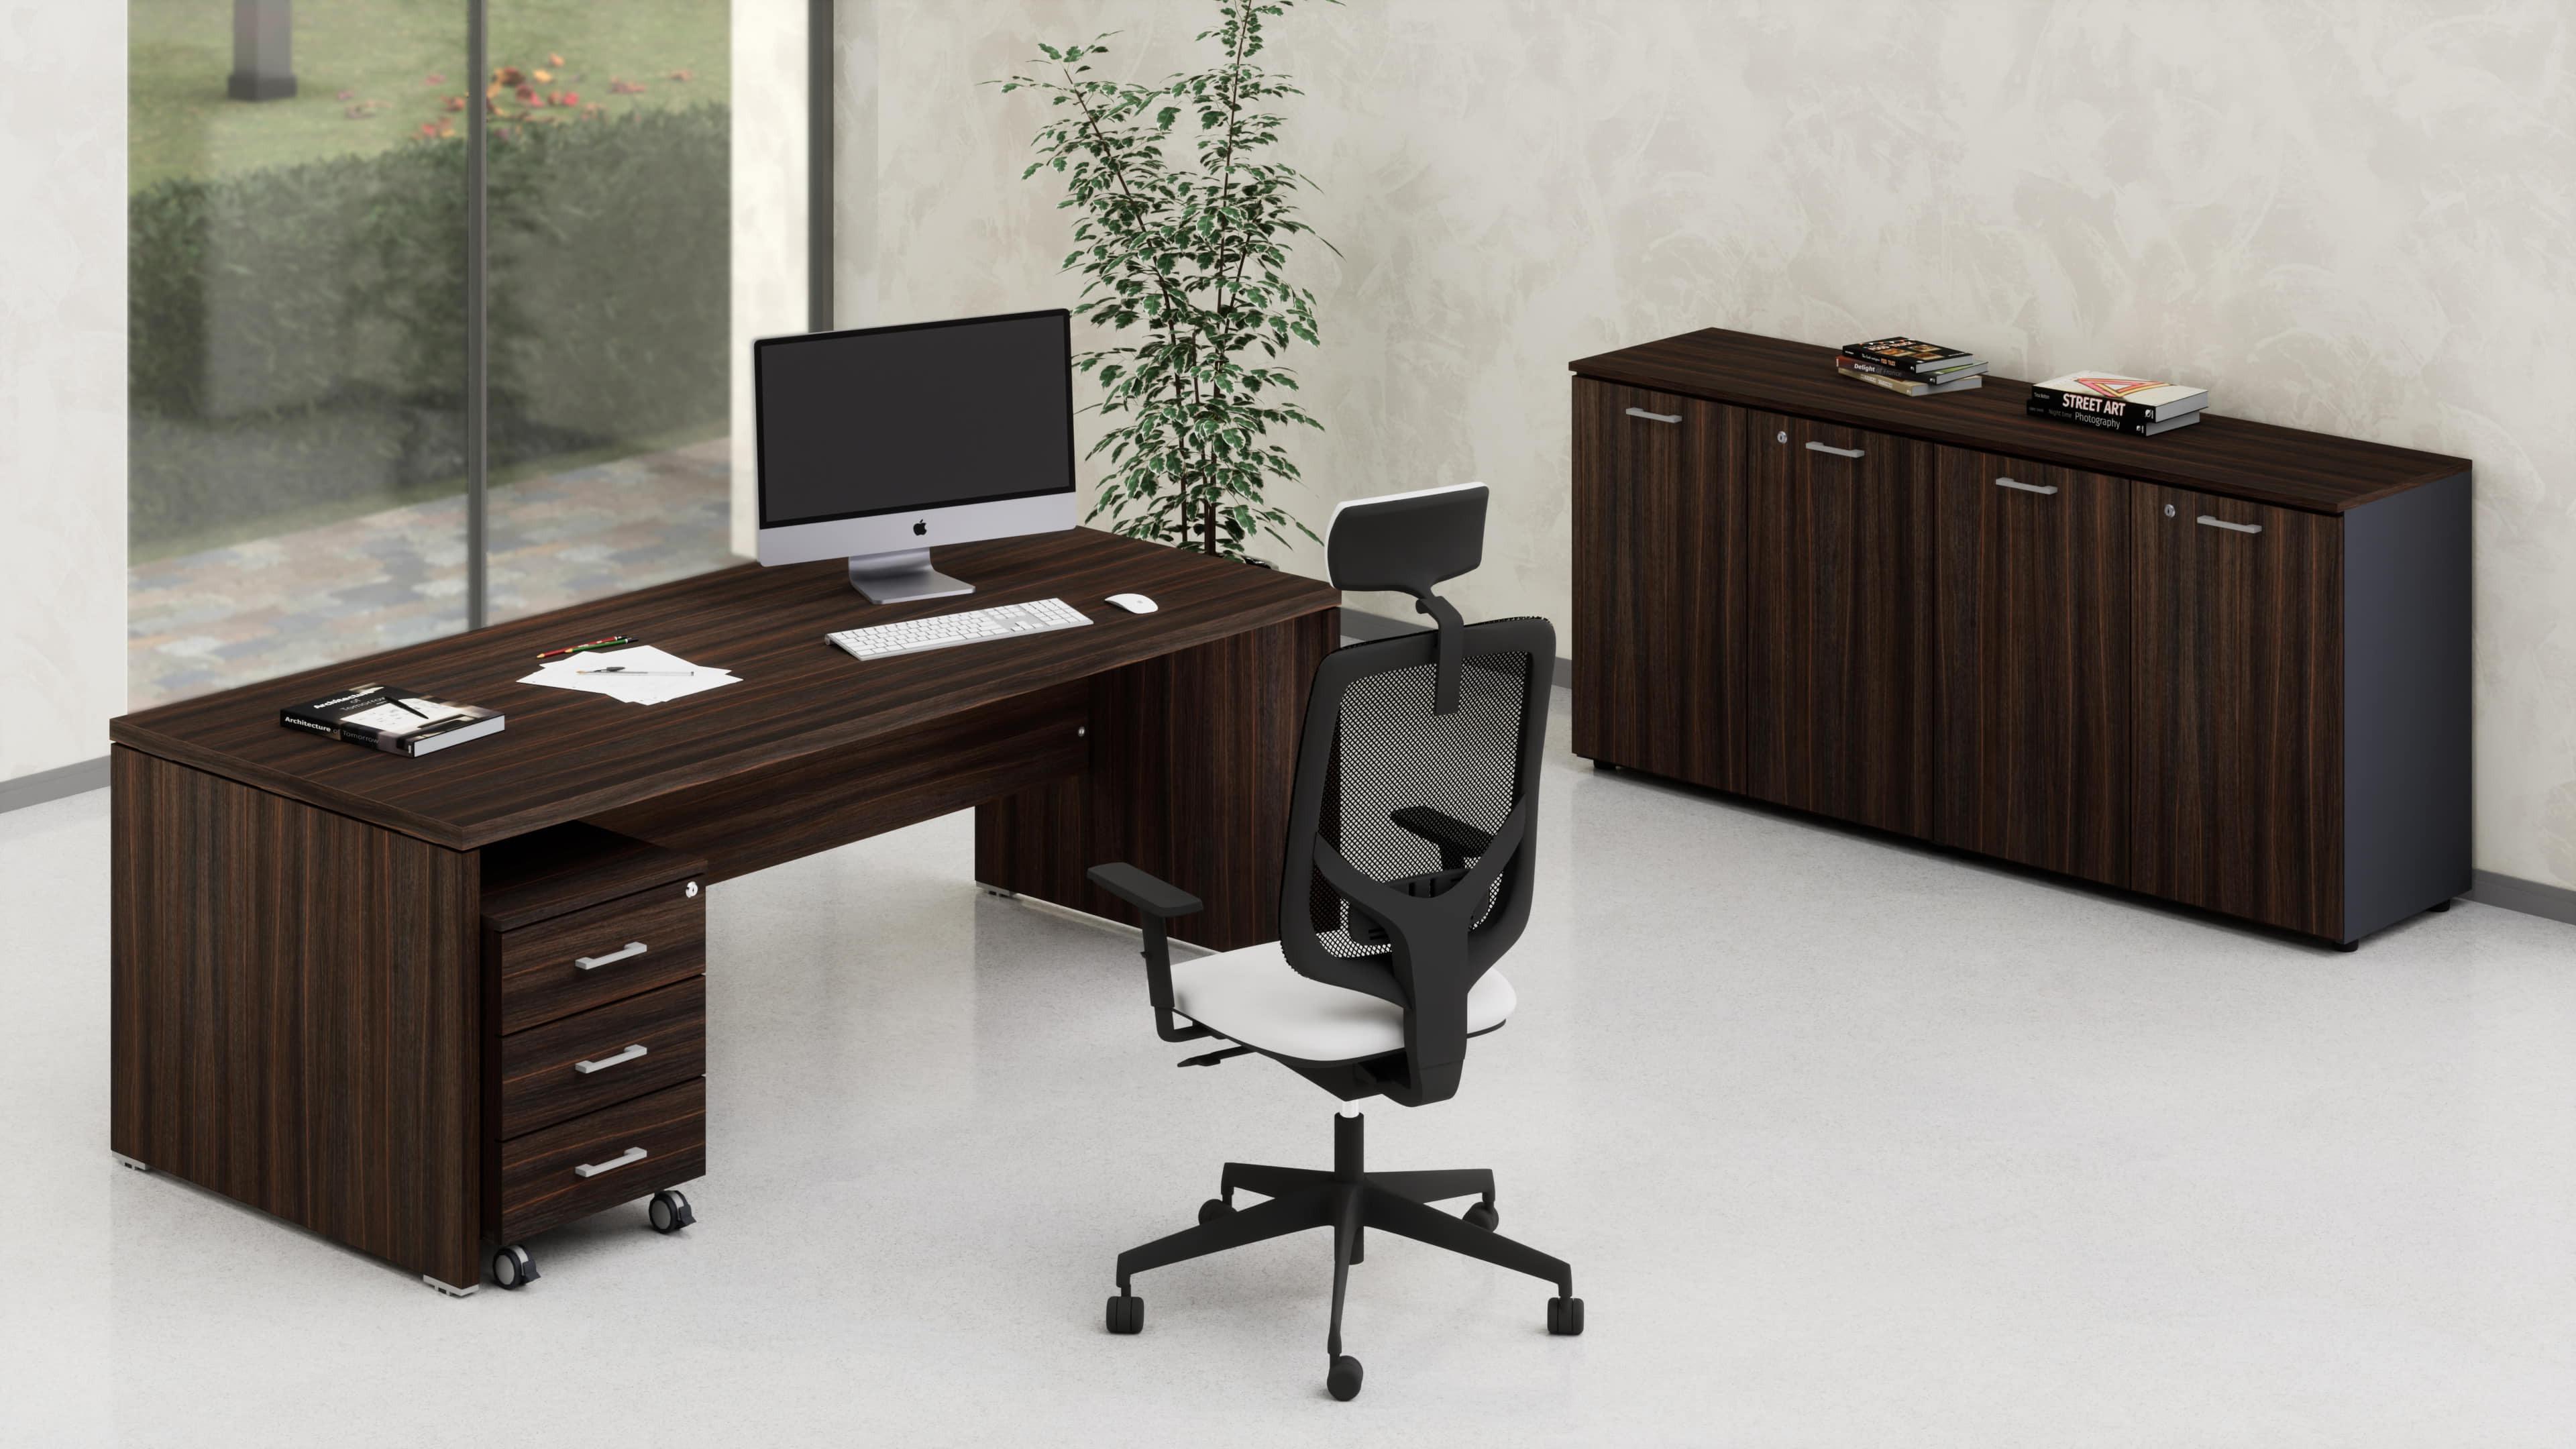 Cc068 fumustore vendita online arredo ufficio for Mobili per ufficio online